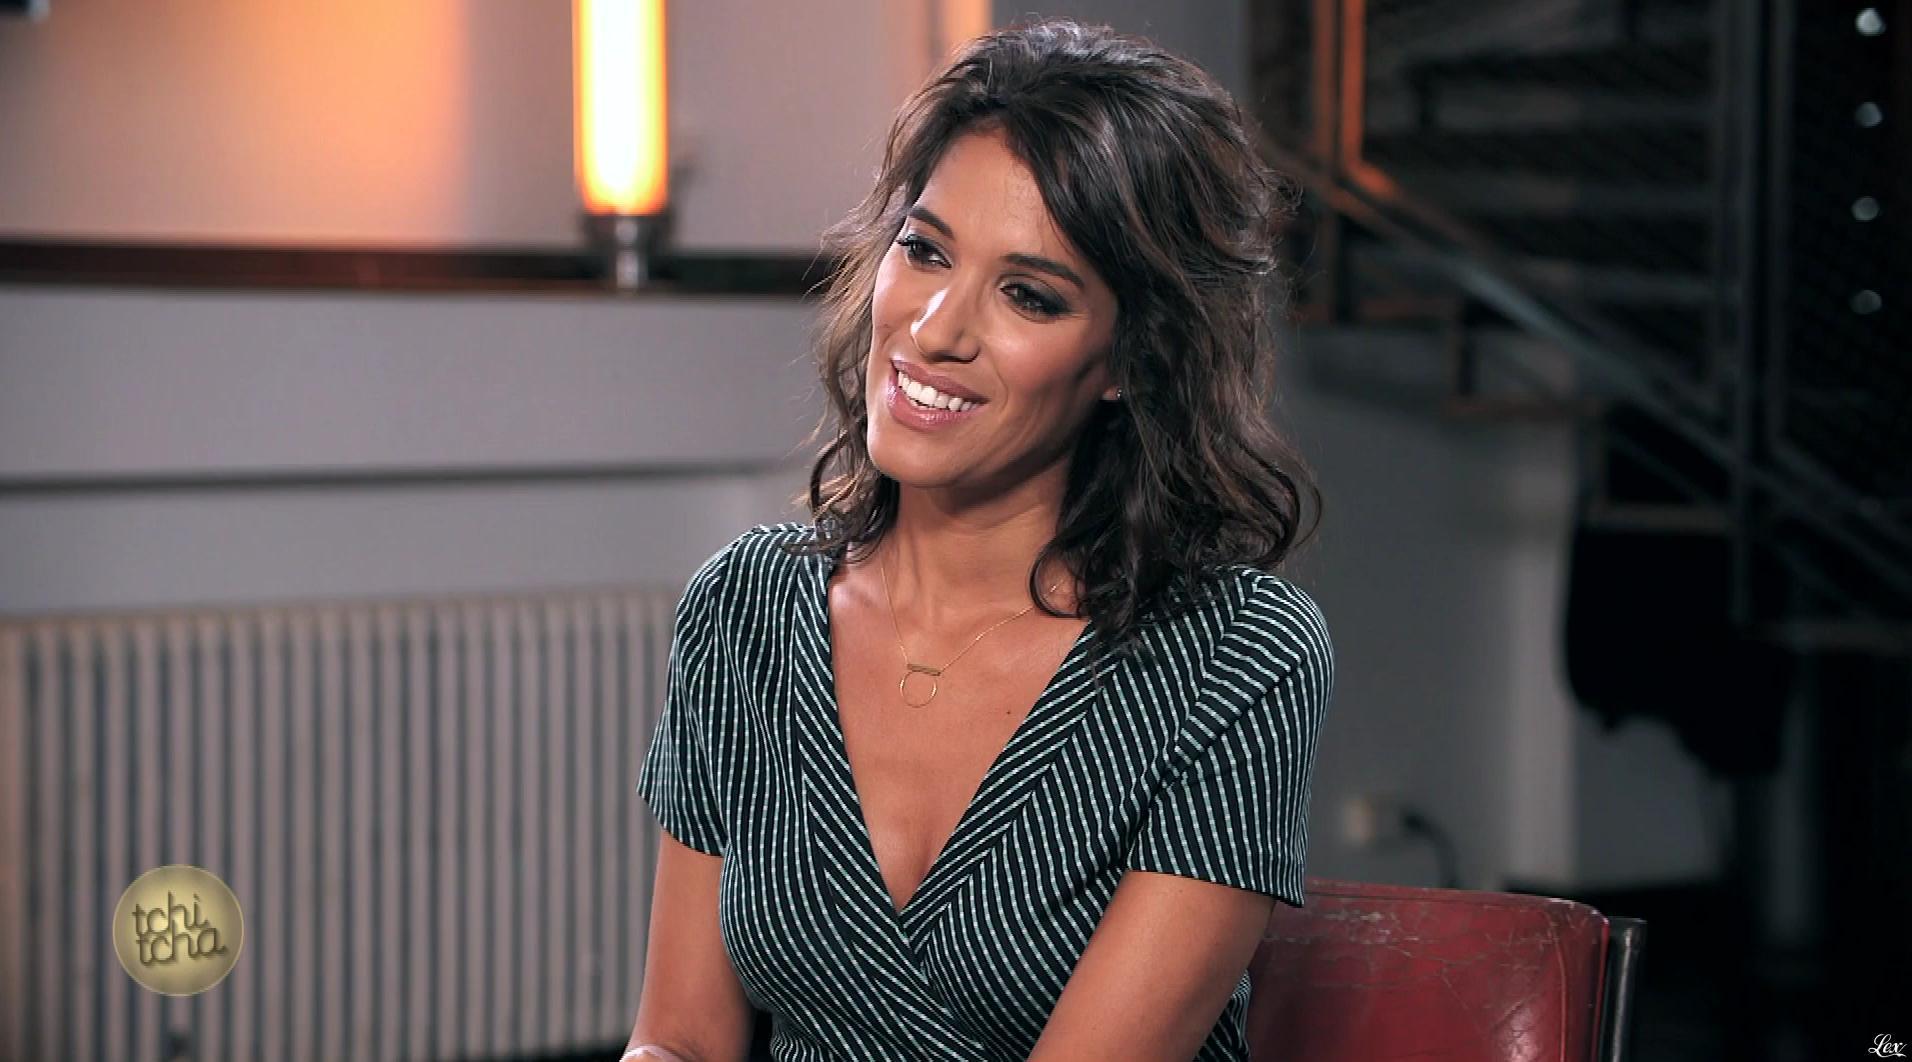 Laurie Cholewa dans Tchi Tcha. Diffusé à la télévision le 23/09/17.